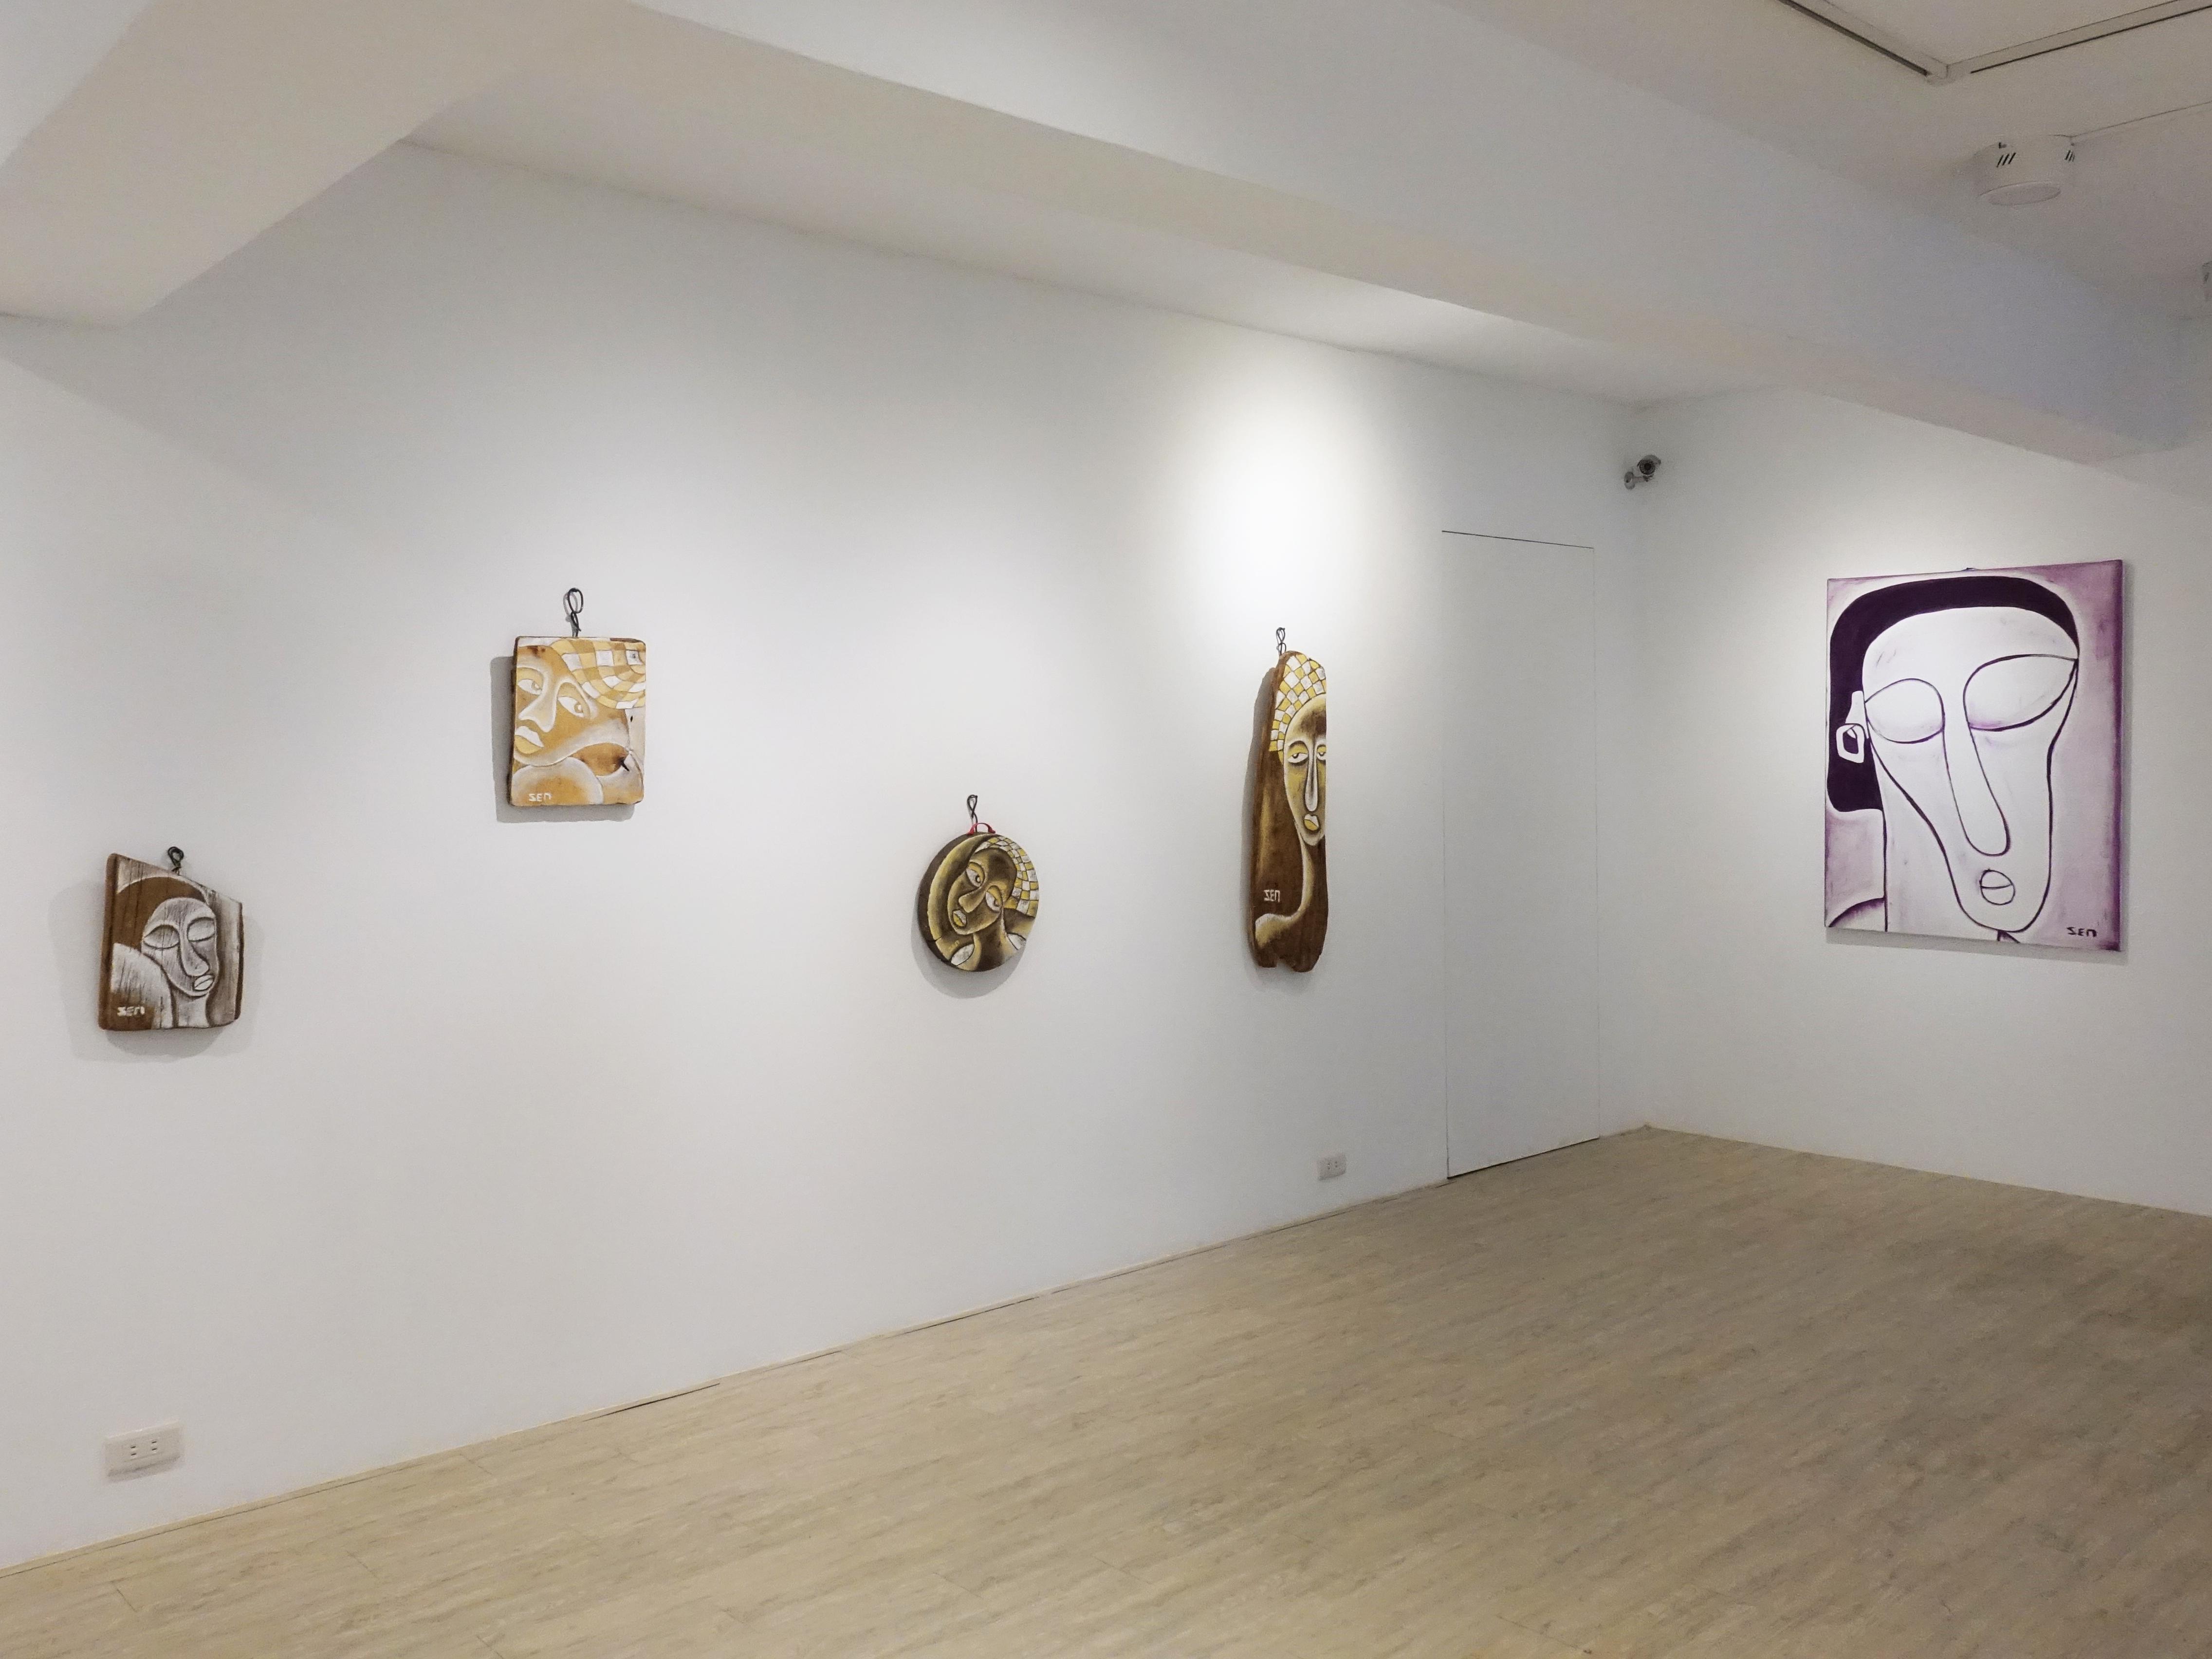 藝術家楊樹森「漂」創作個展展覽空間。